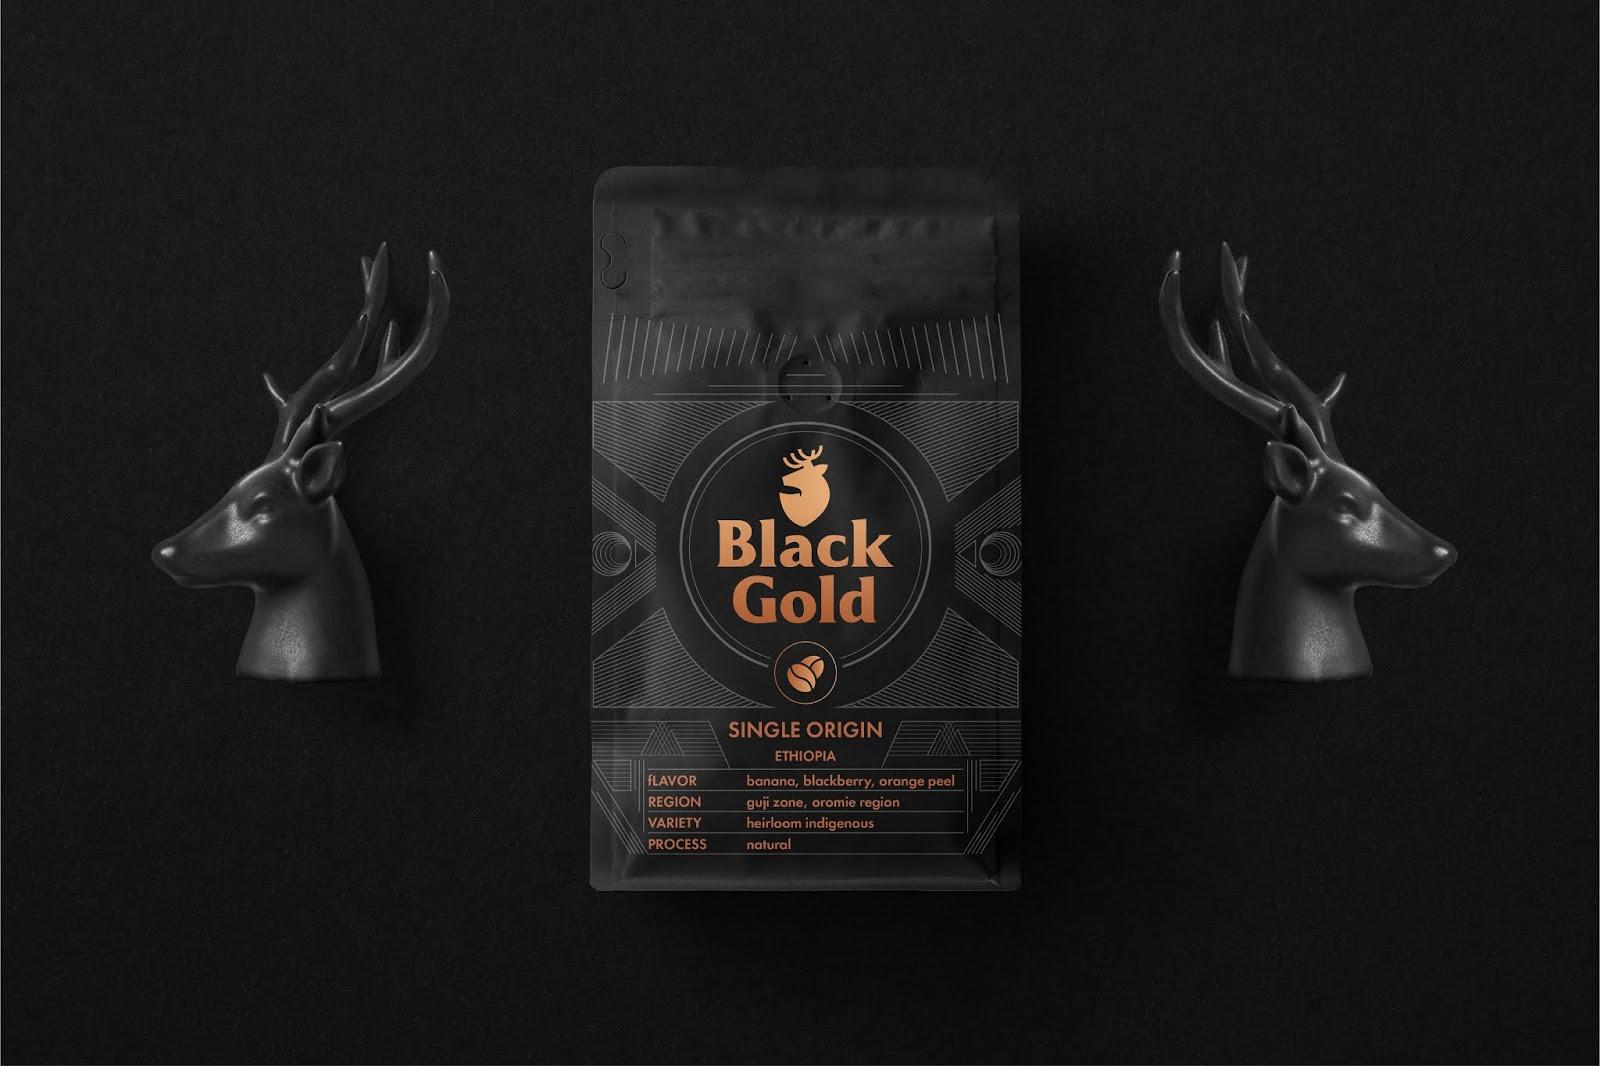 Blackgold咖啡品牌和产品包装设计